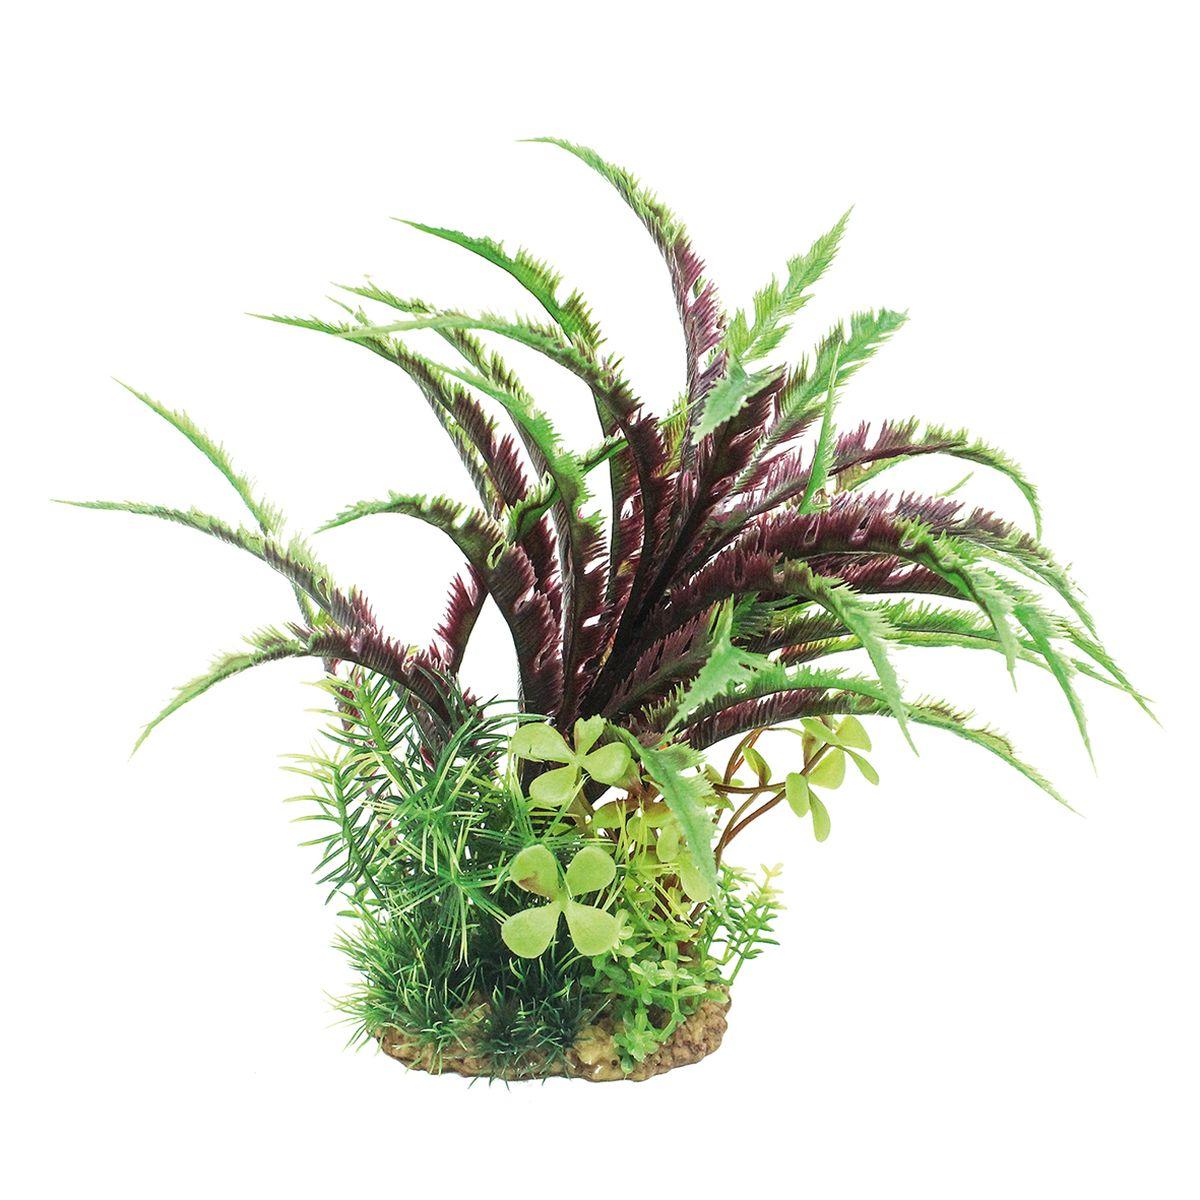 Растение для аквариума ArtUniq Дизиготека, высота 20 см0120710Растение для аквариума ArtUniq Дизиготека, высота 20 см